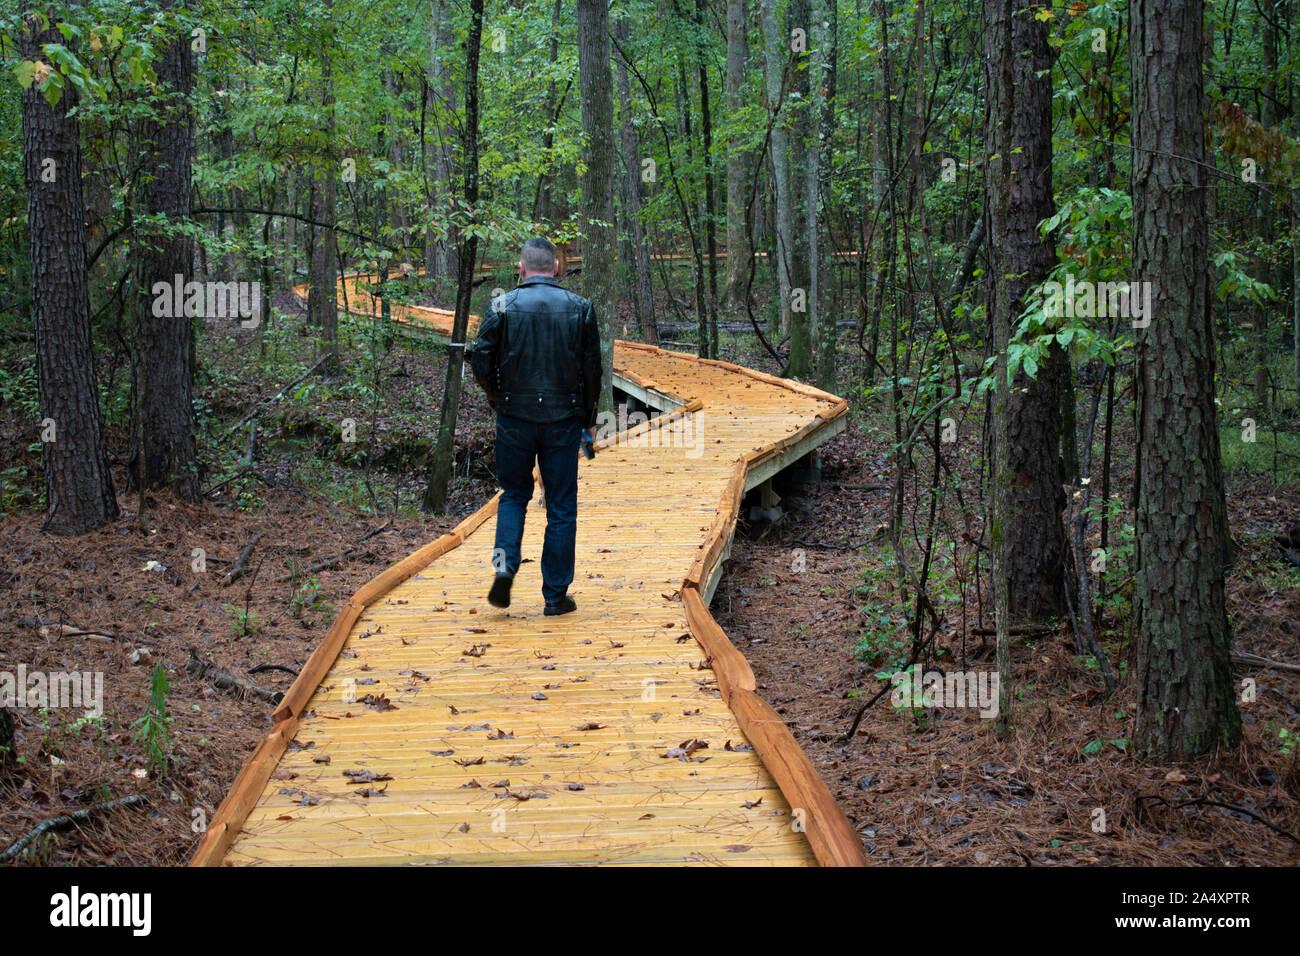 Un anziano uomo prende il suo cane per una passeggiata attraverso un bosco in Alabama. Foto Stock